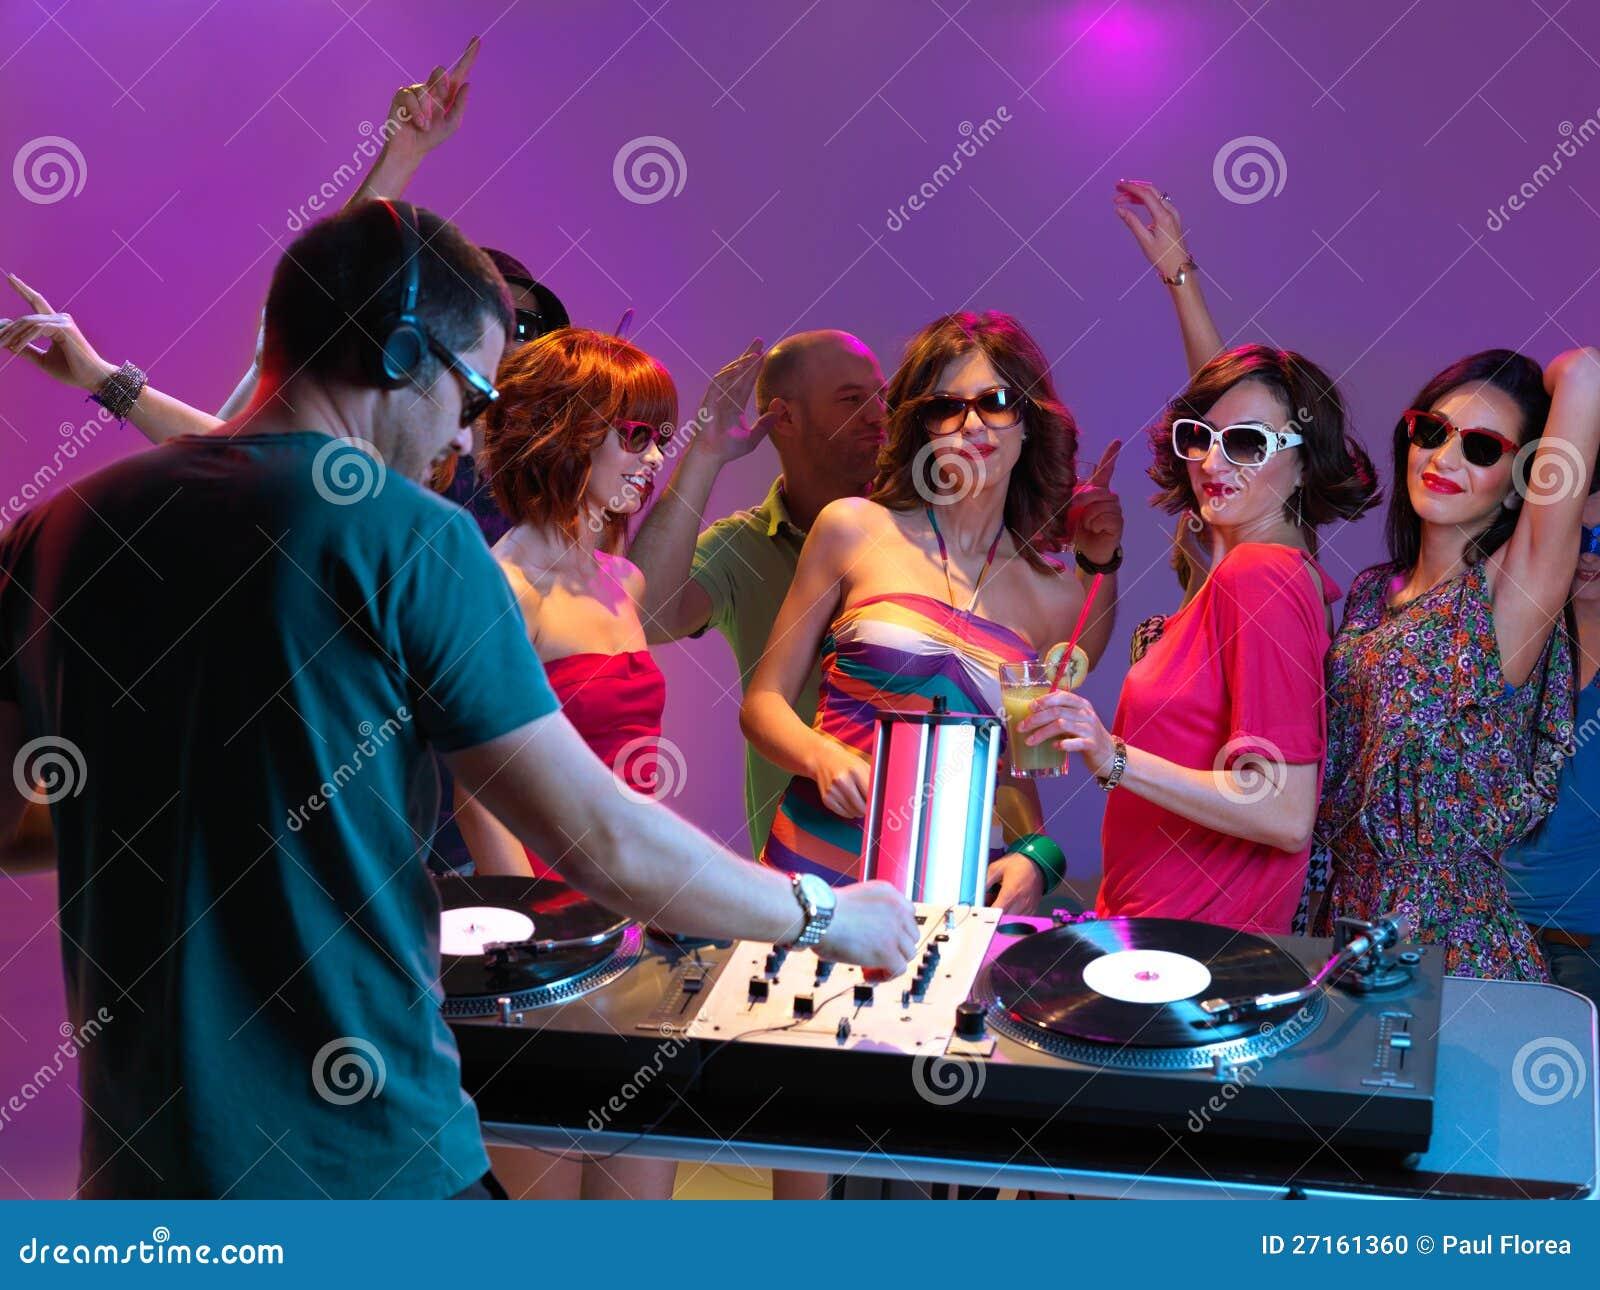 Развлечение женщин в ночных клубах 19 фотография